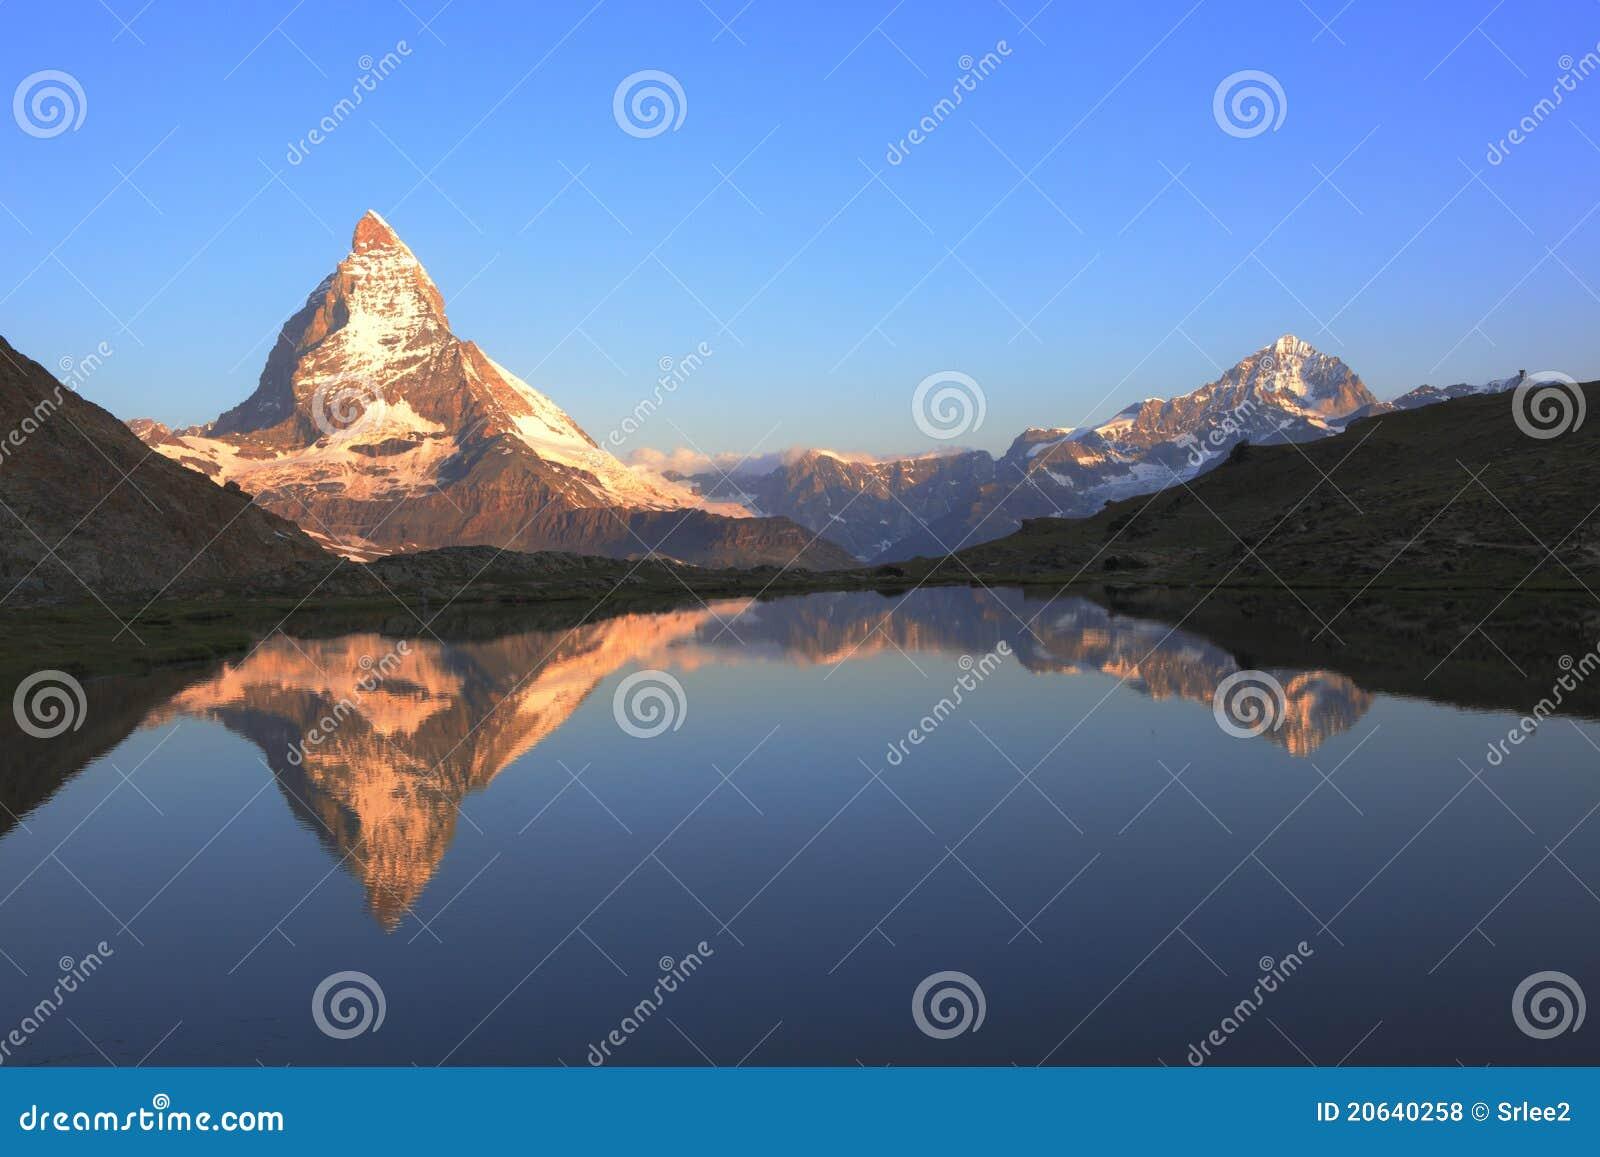 Matterhorn peak and reflection